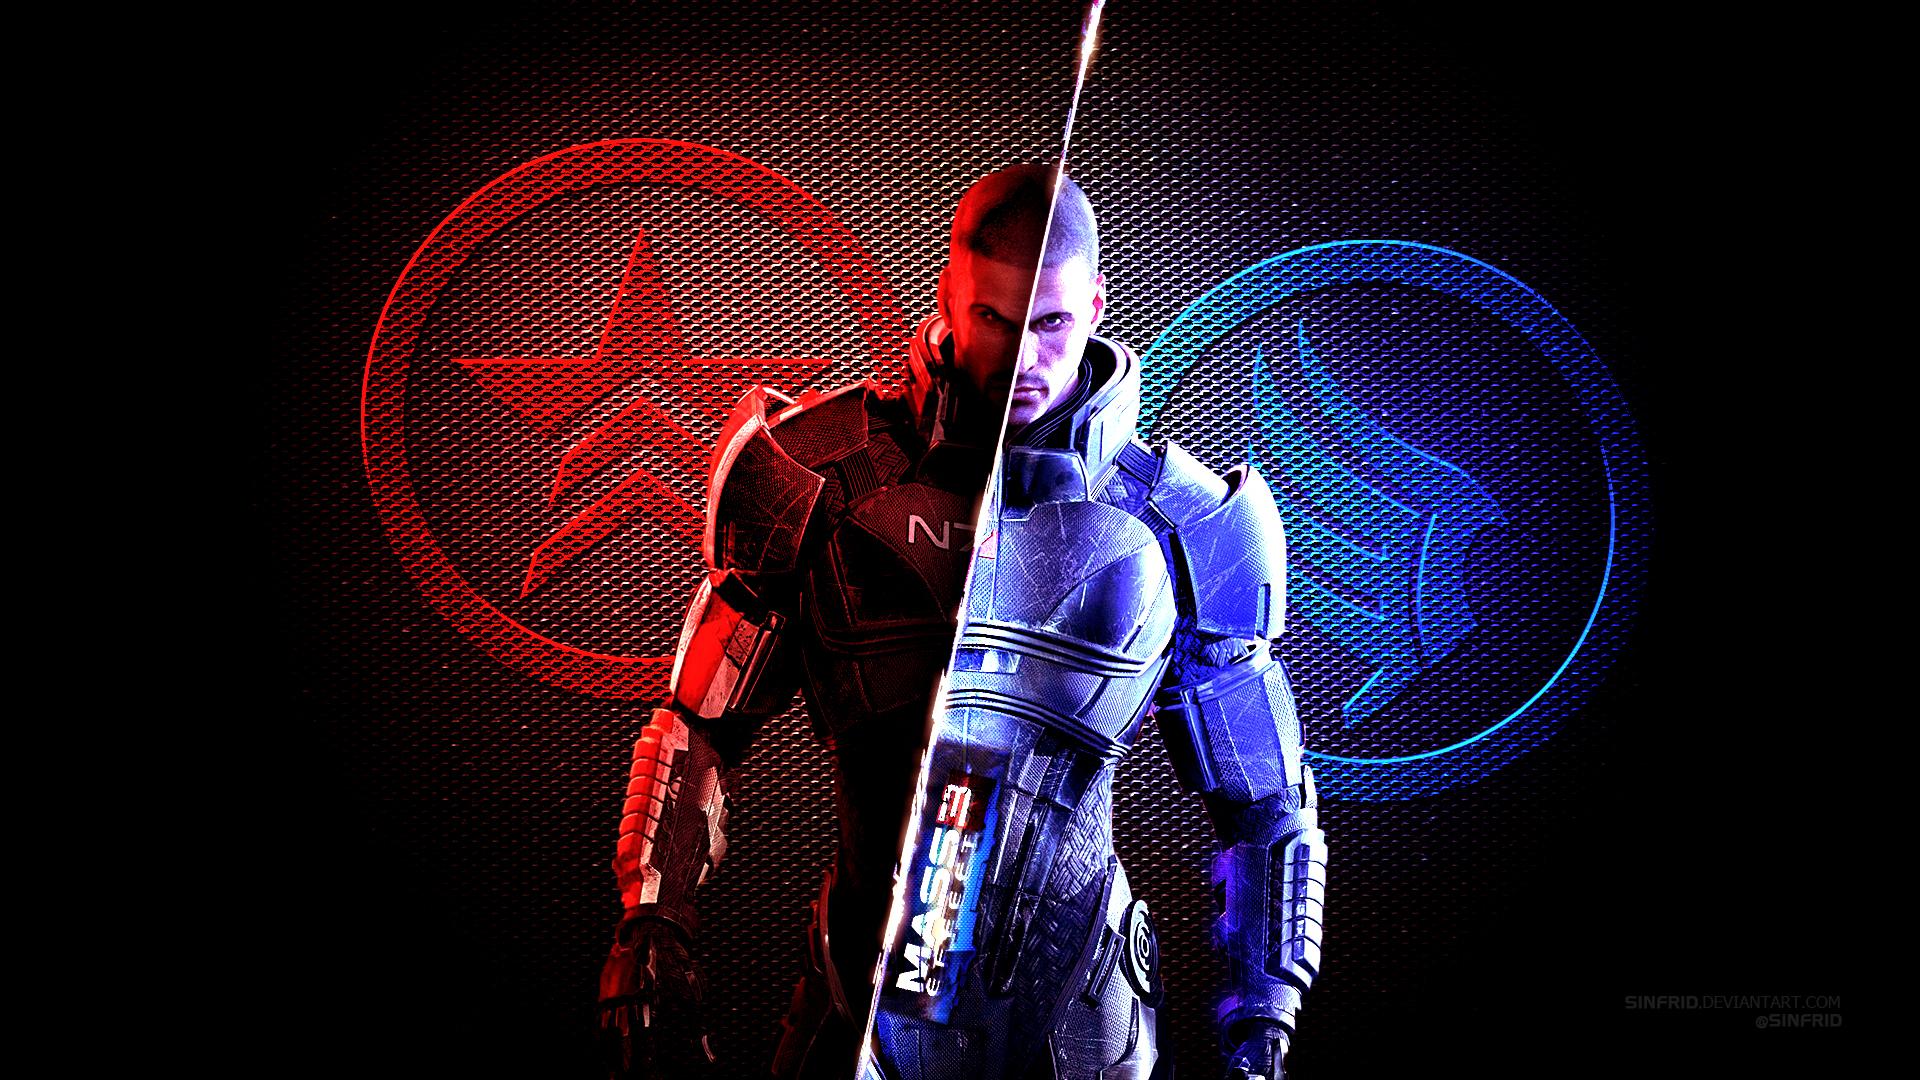 Mass Effect 3 Wallpaper 01 by Sinfrid 1920x1080